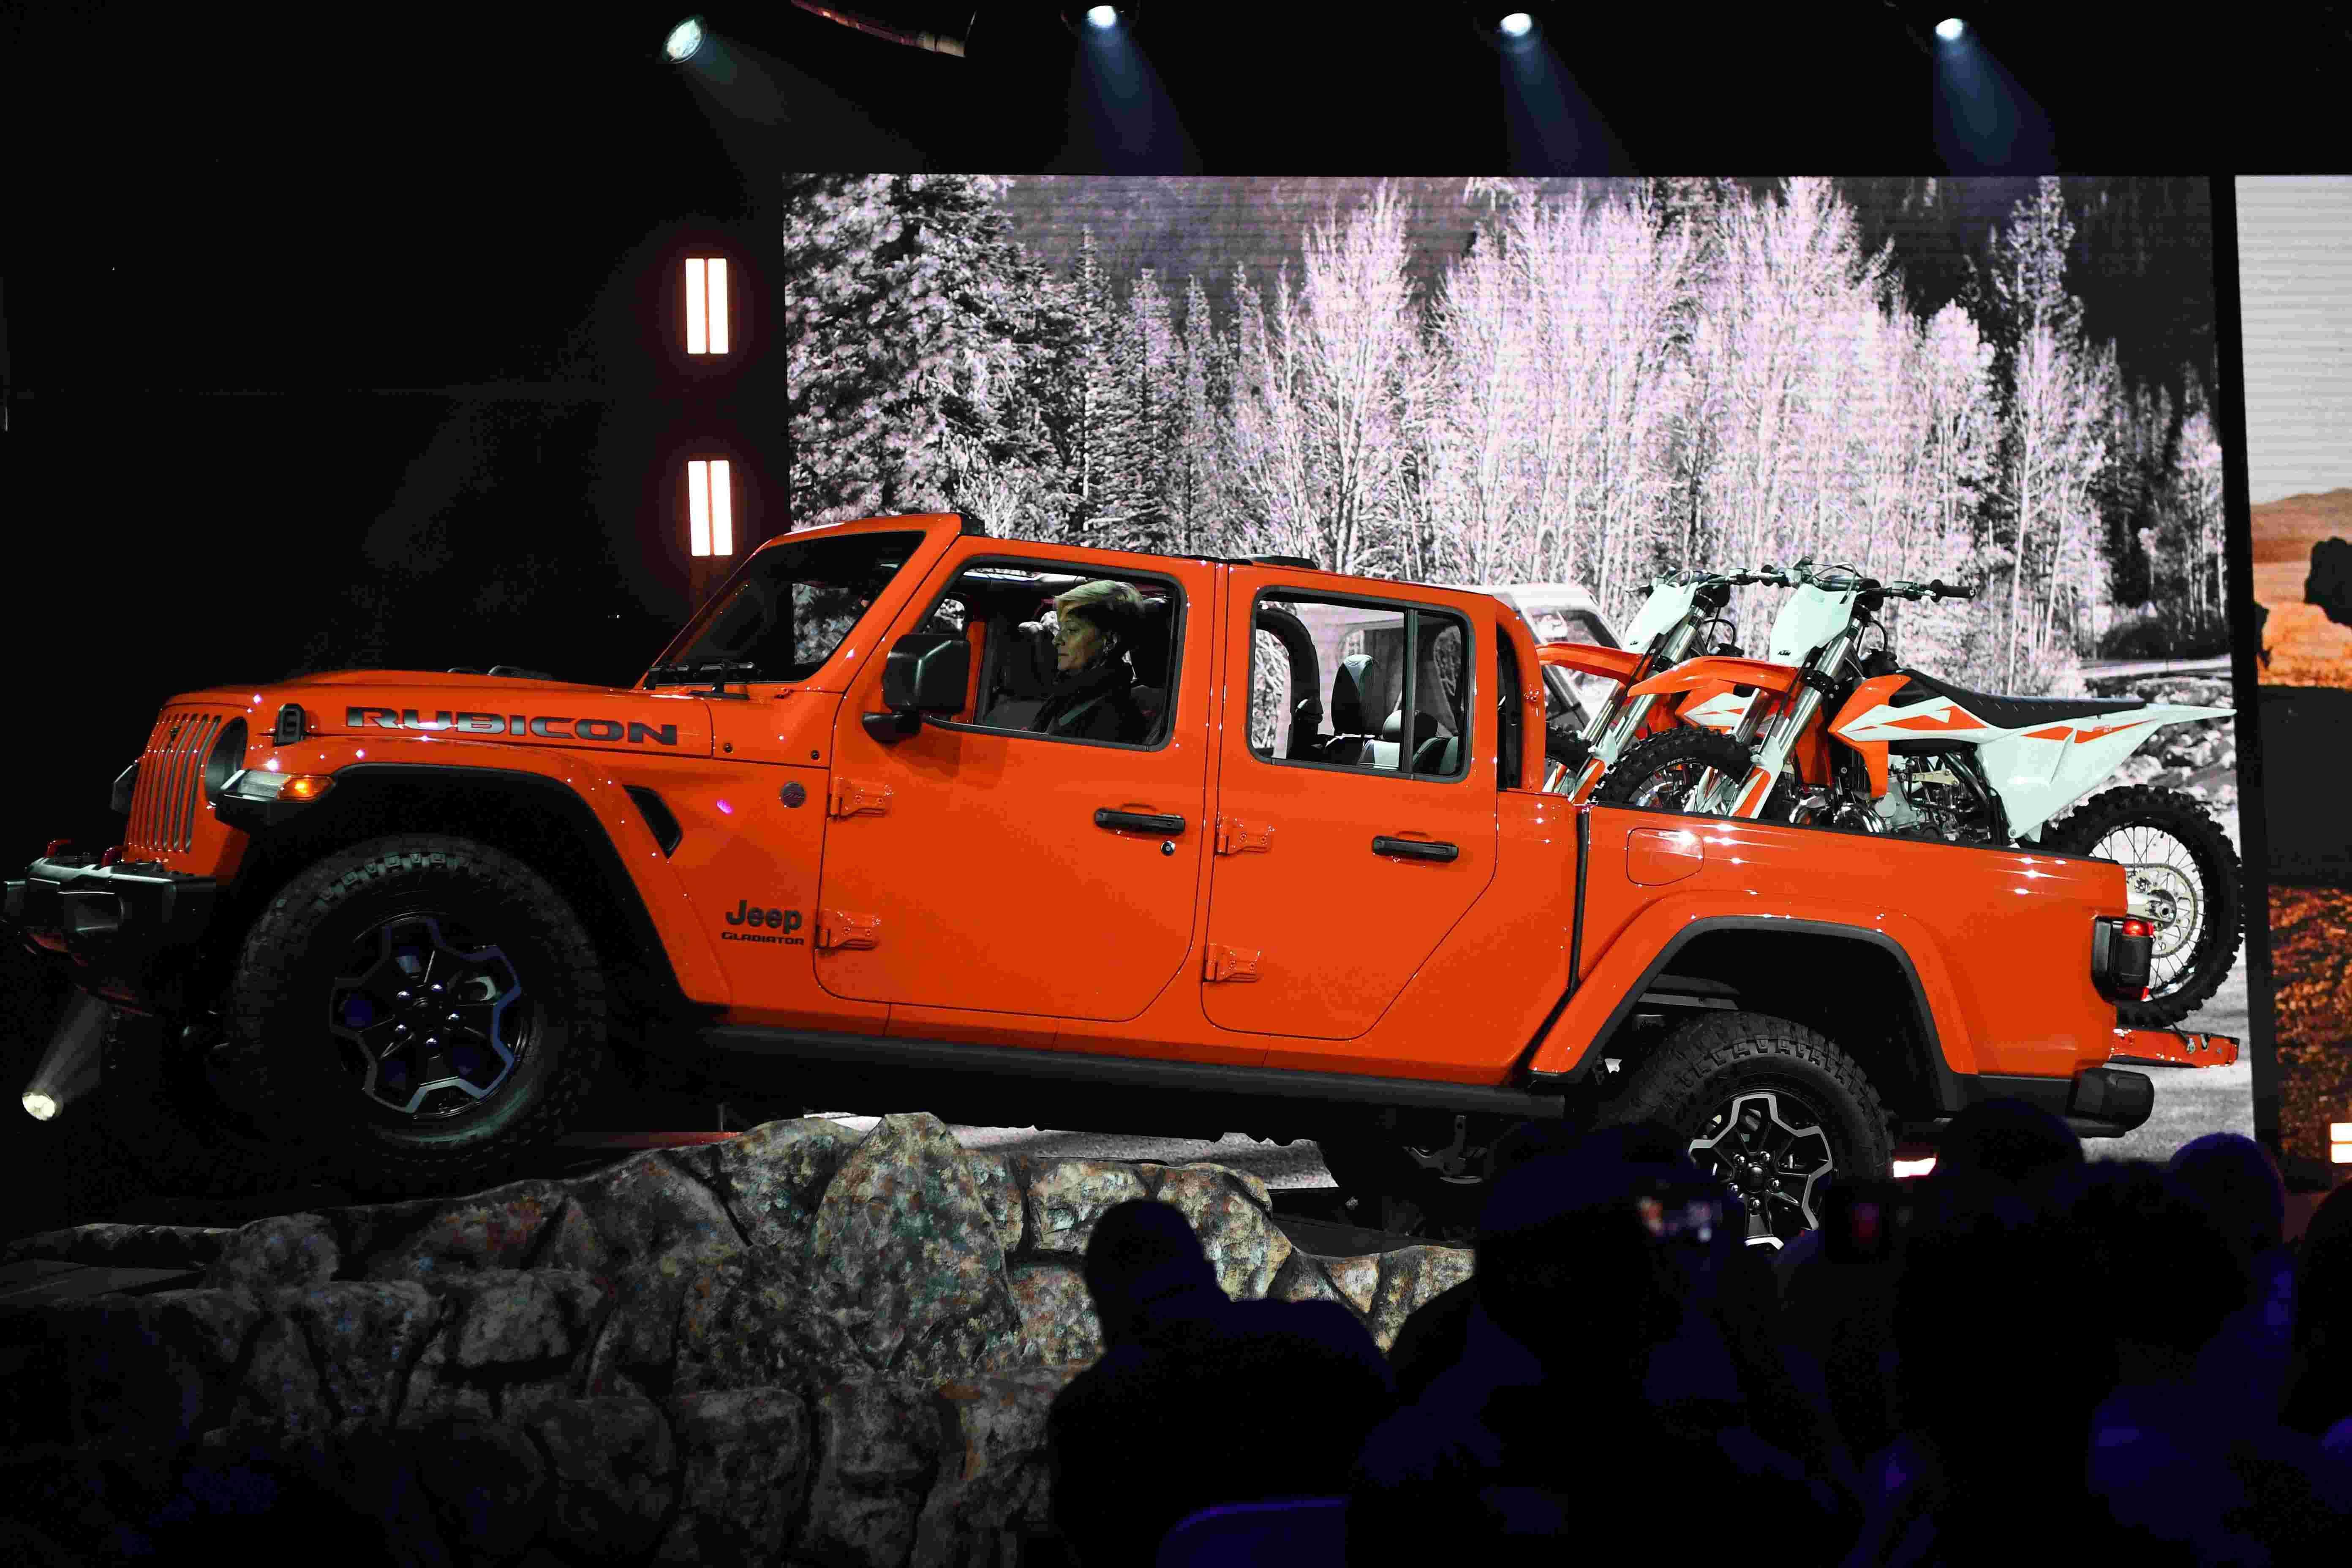 15 New 2019 Jeep Wrangler La Auto Show Wallpaper by 2019 Jeep Wrangler La Auto Show